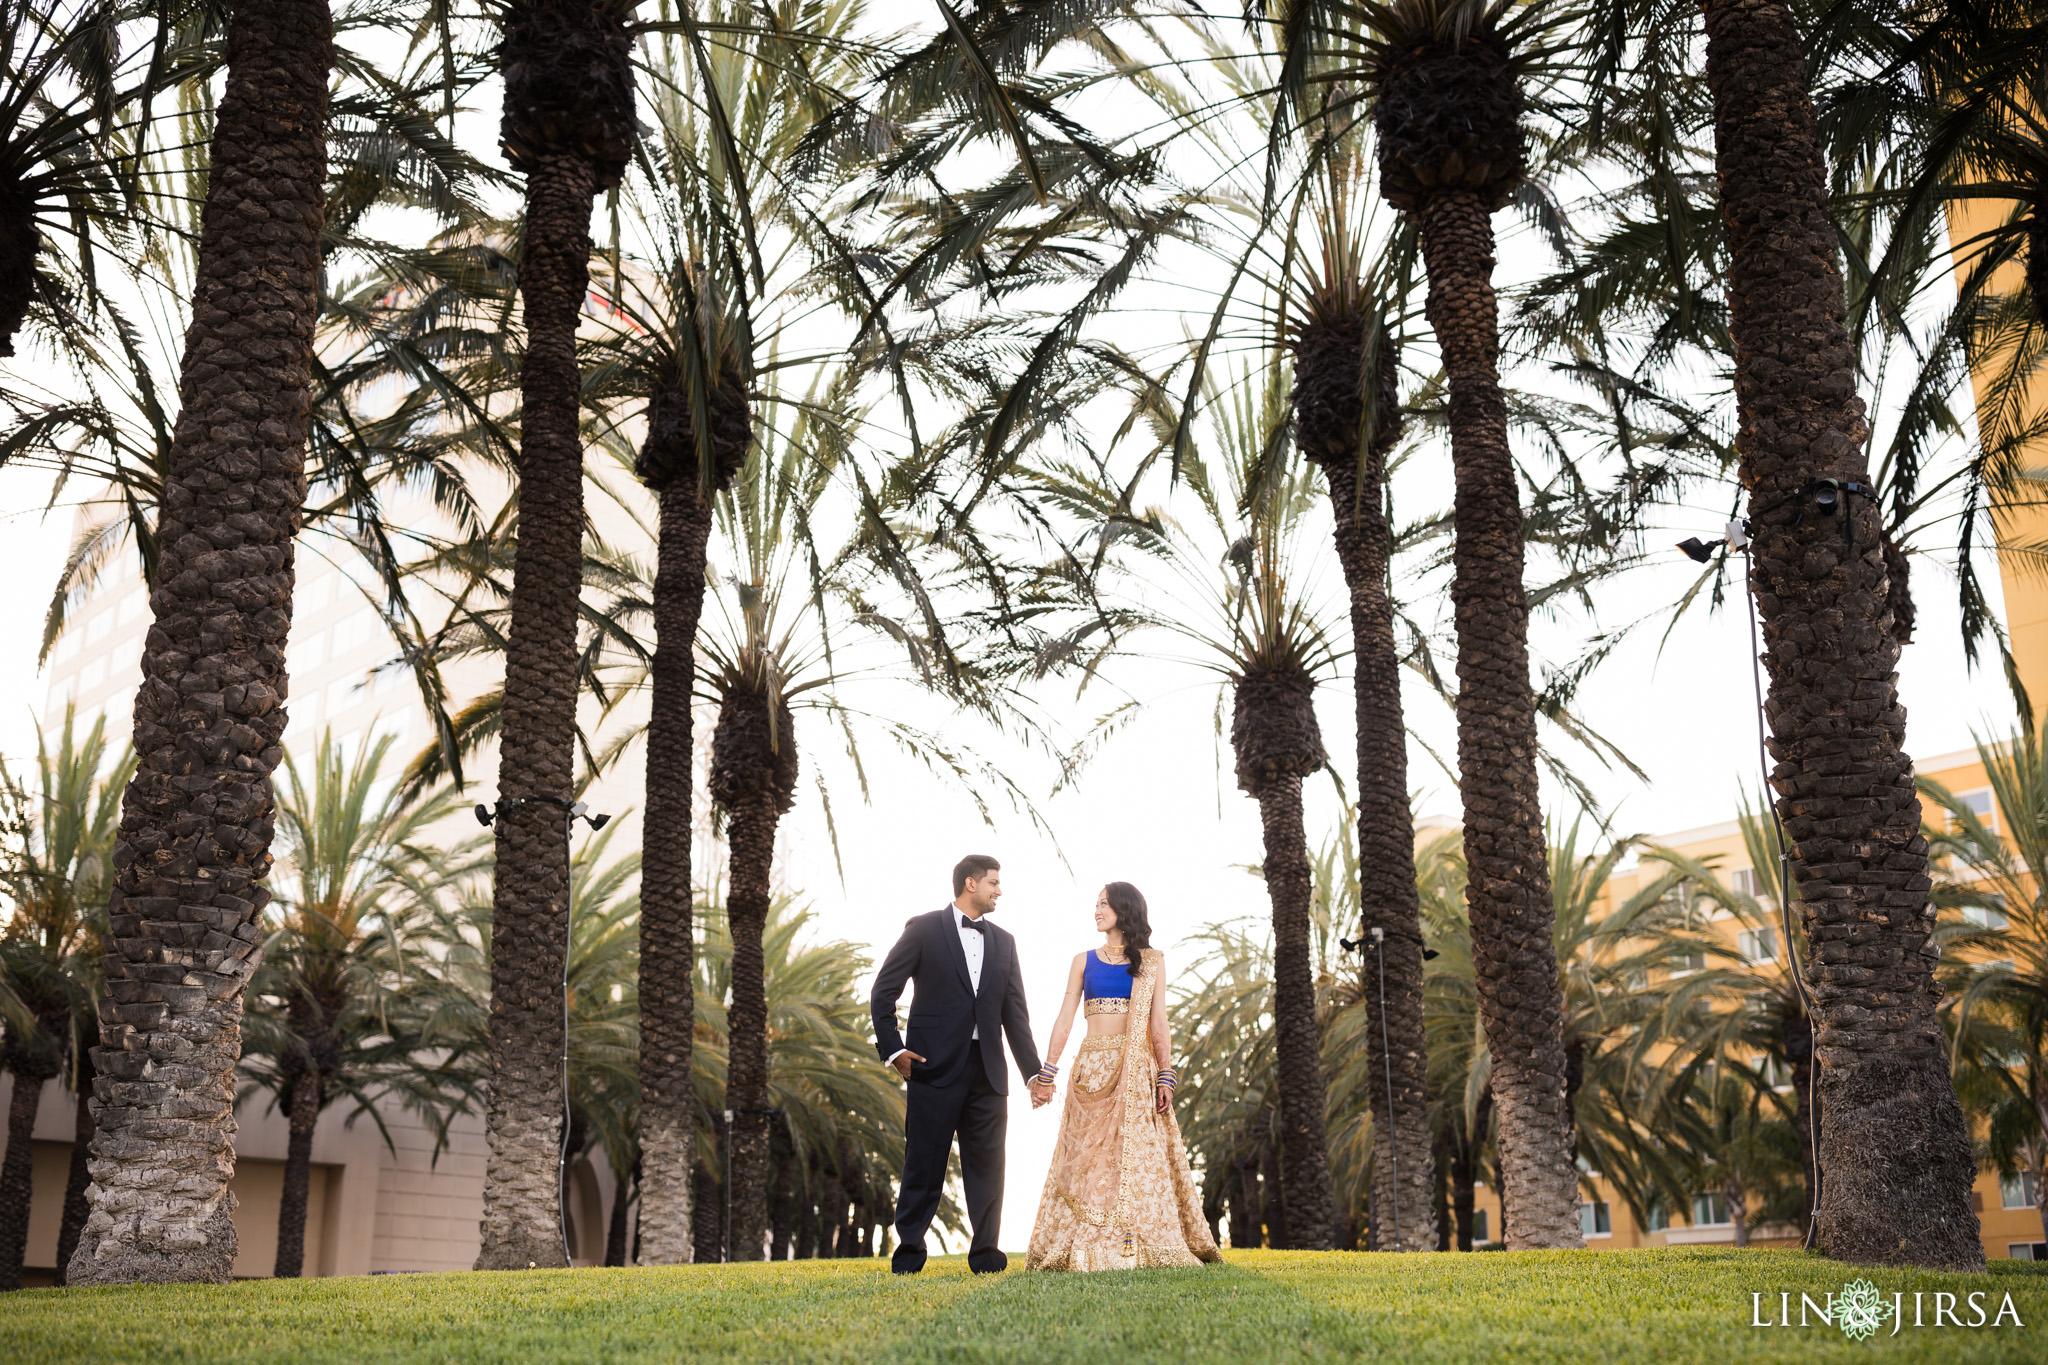 Wyndham anaheim garden grove indian wedding kathy dave for Wyndham anaheim garden grove garden grove ca